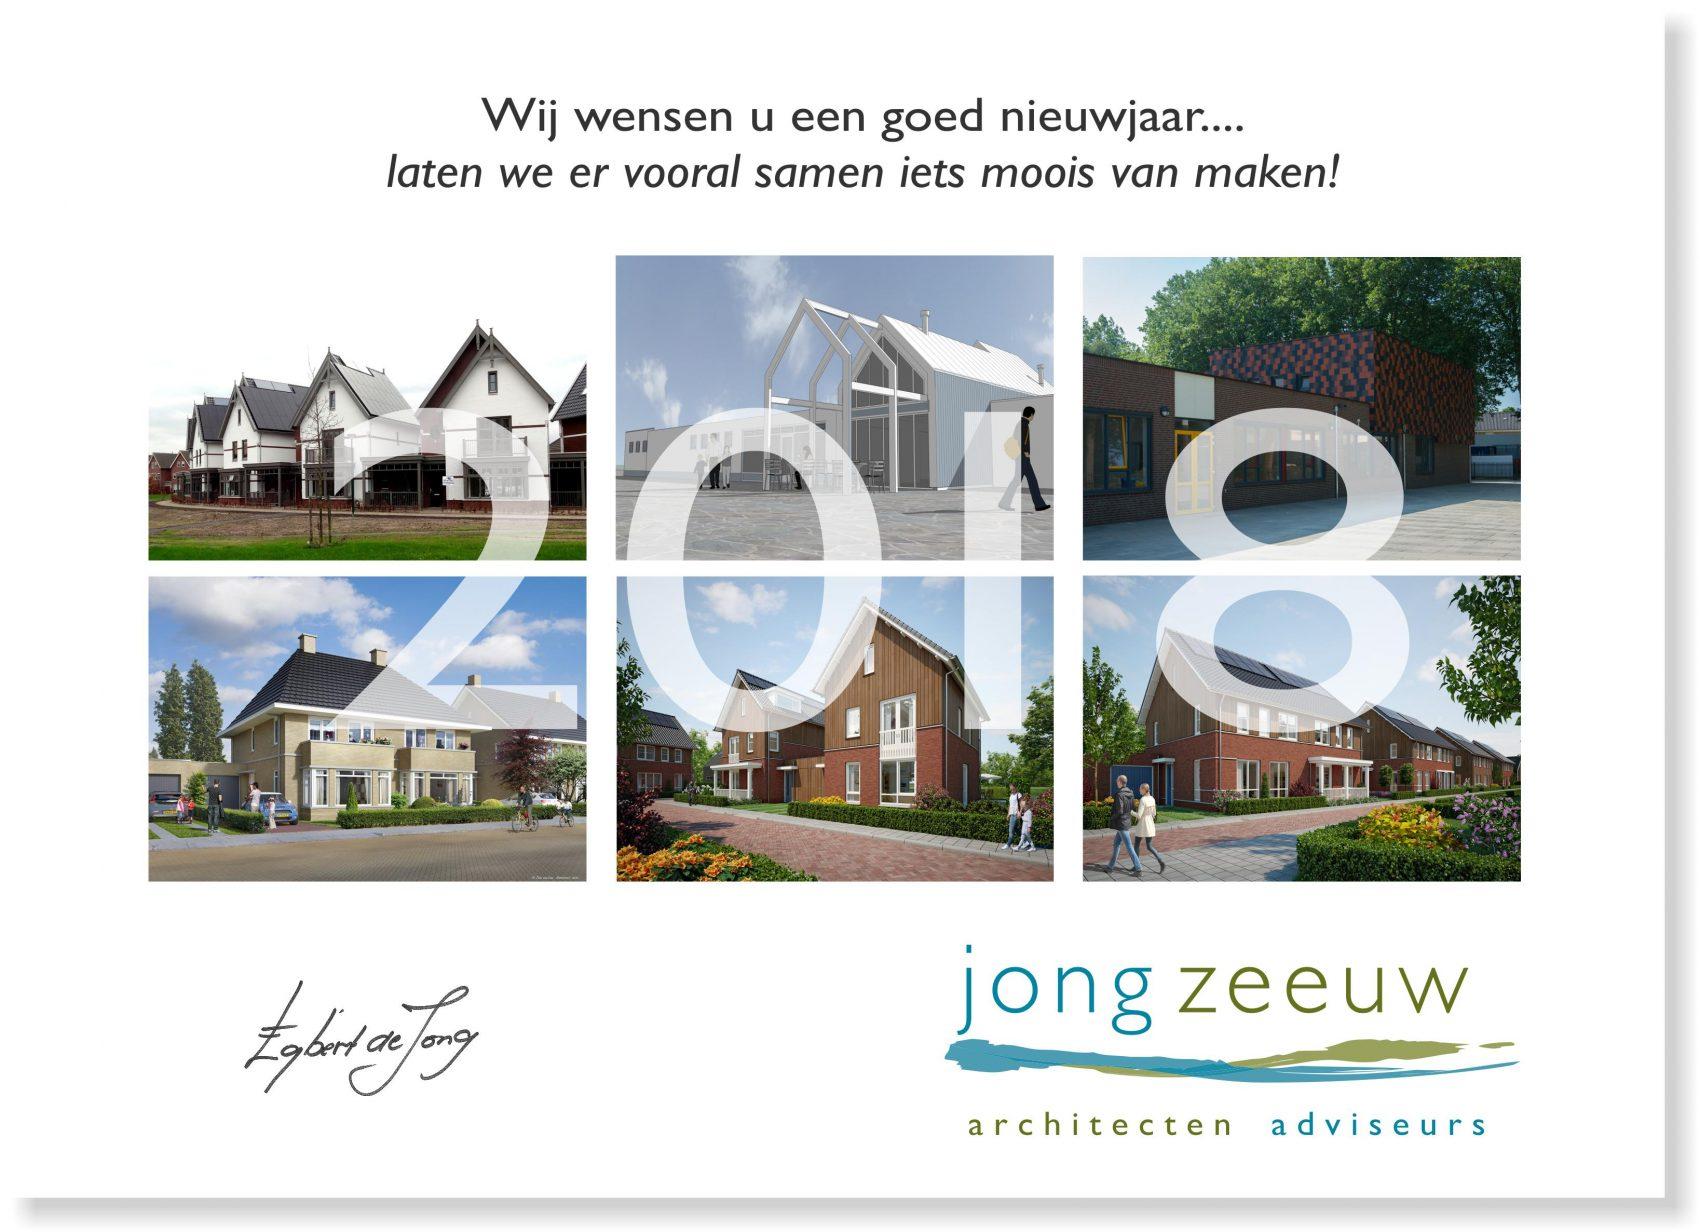 nieuwjaarswens 2018 JongZeeuw architecten